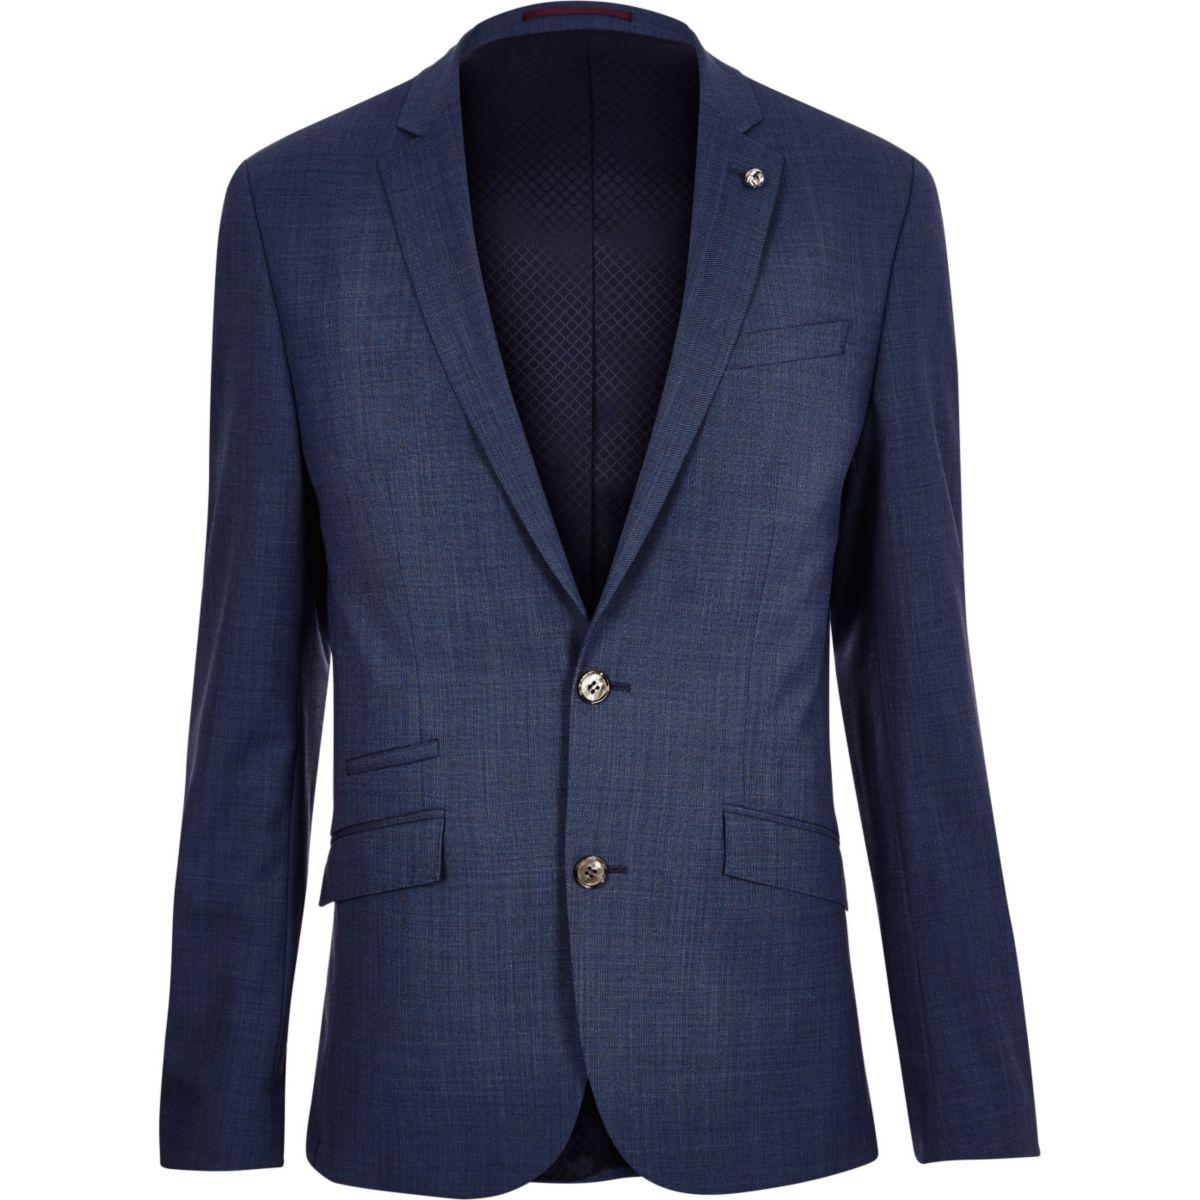 Blue slim suit jacket